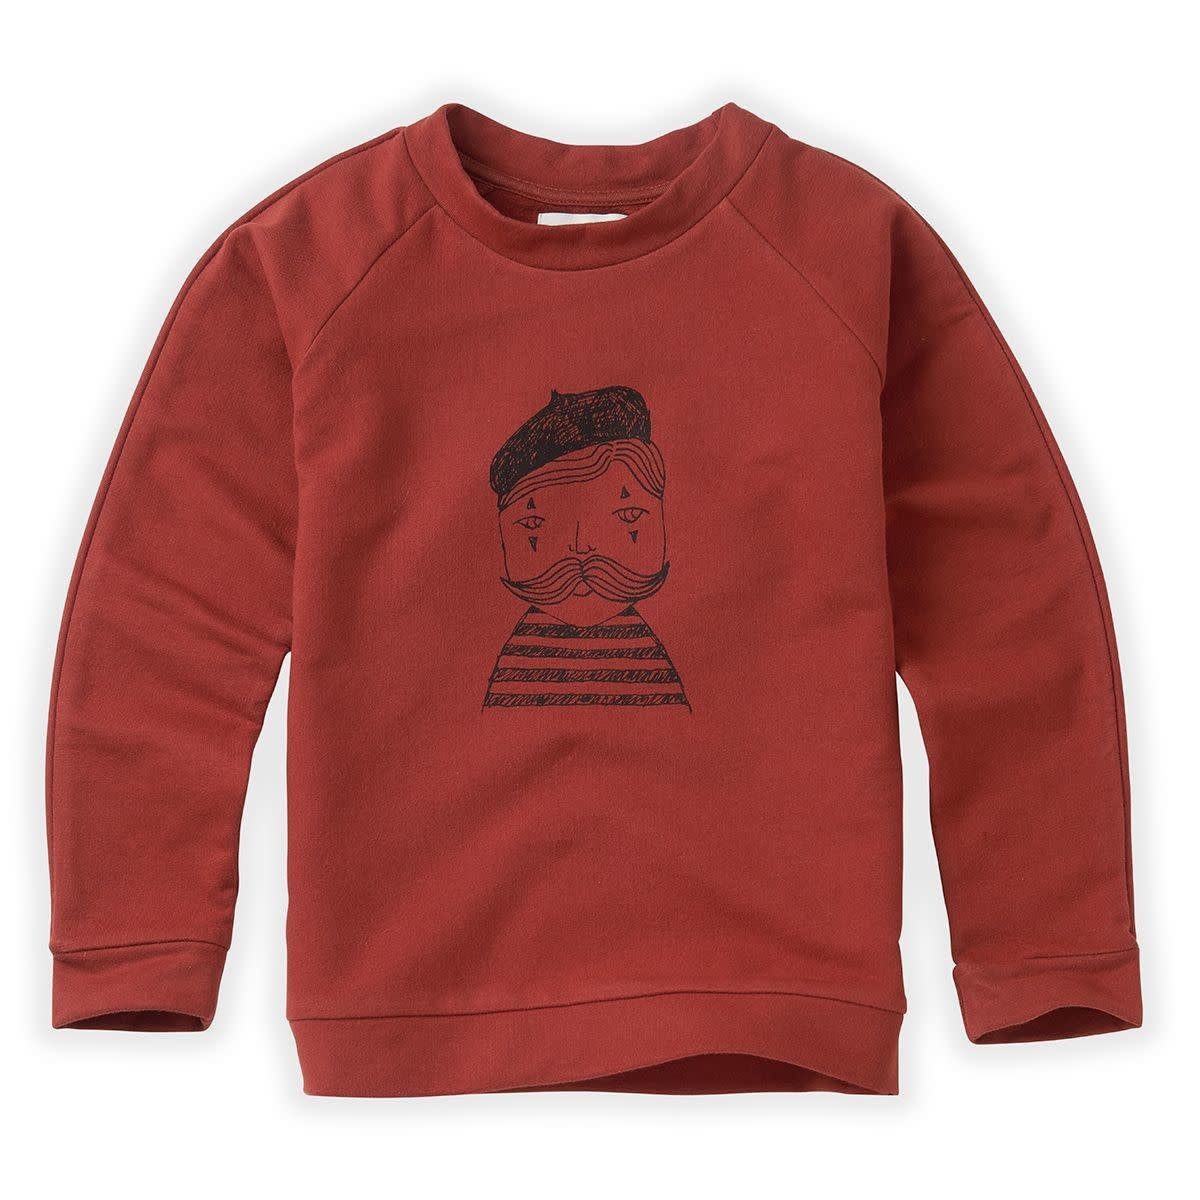 Sproet & Sprout Sproet&Sprout - Sweatshirt raglan pierrot  beet marroon